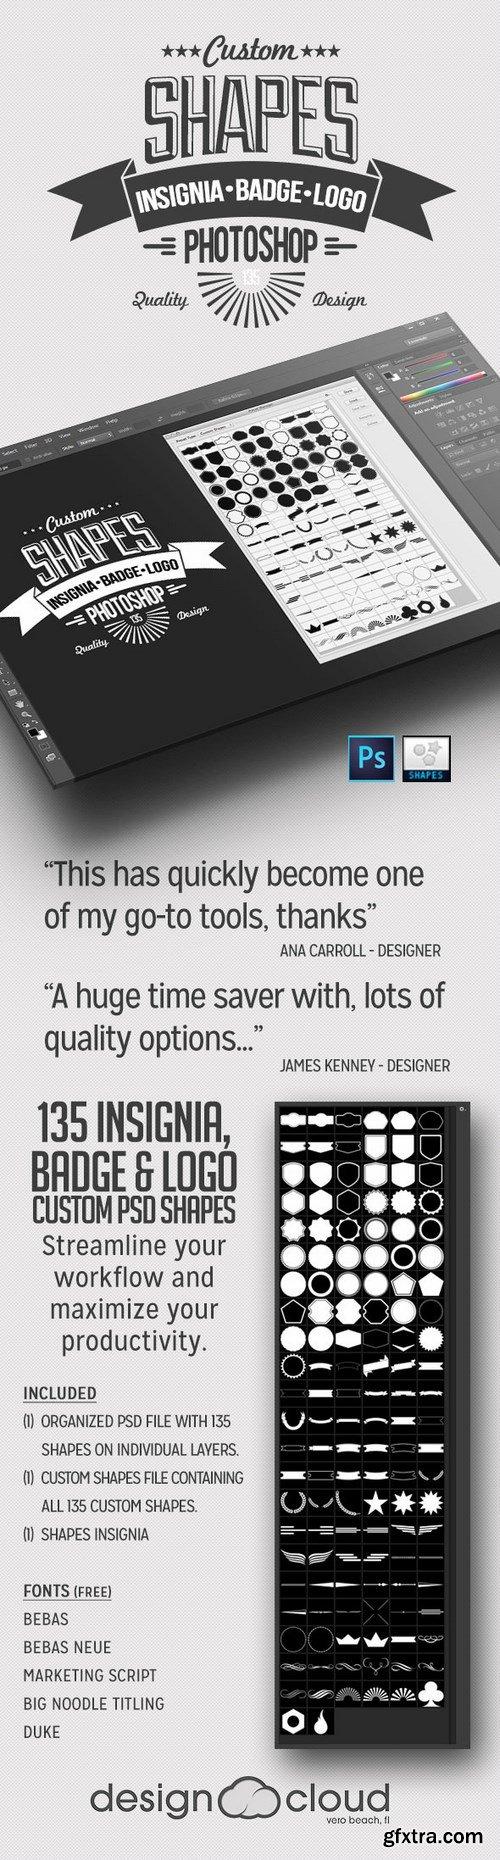 Graphicriver - 135 Insignia, Badge and Logo Custom PSD Shapes 6747588